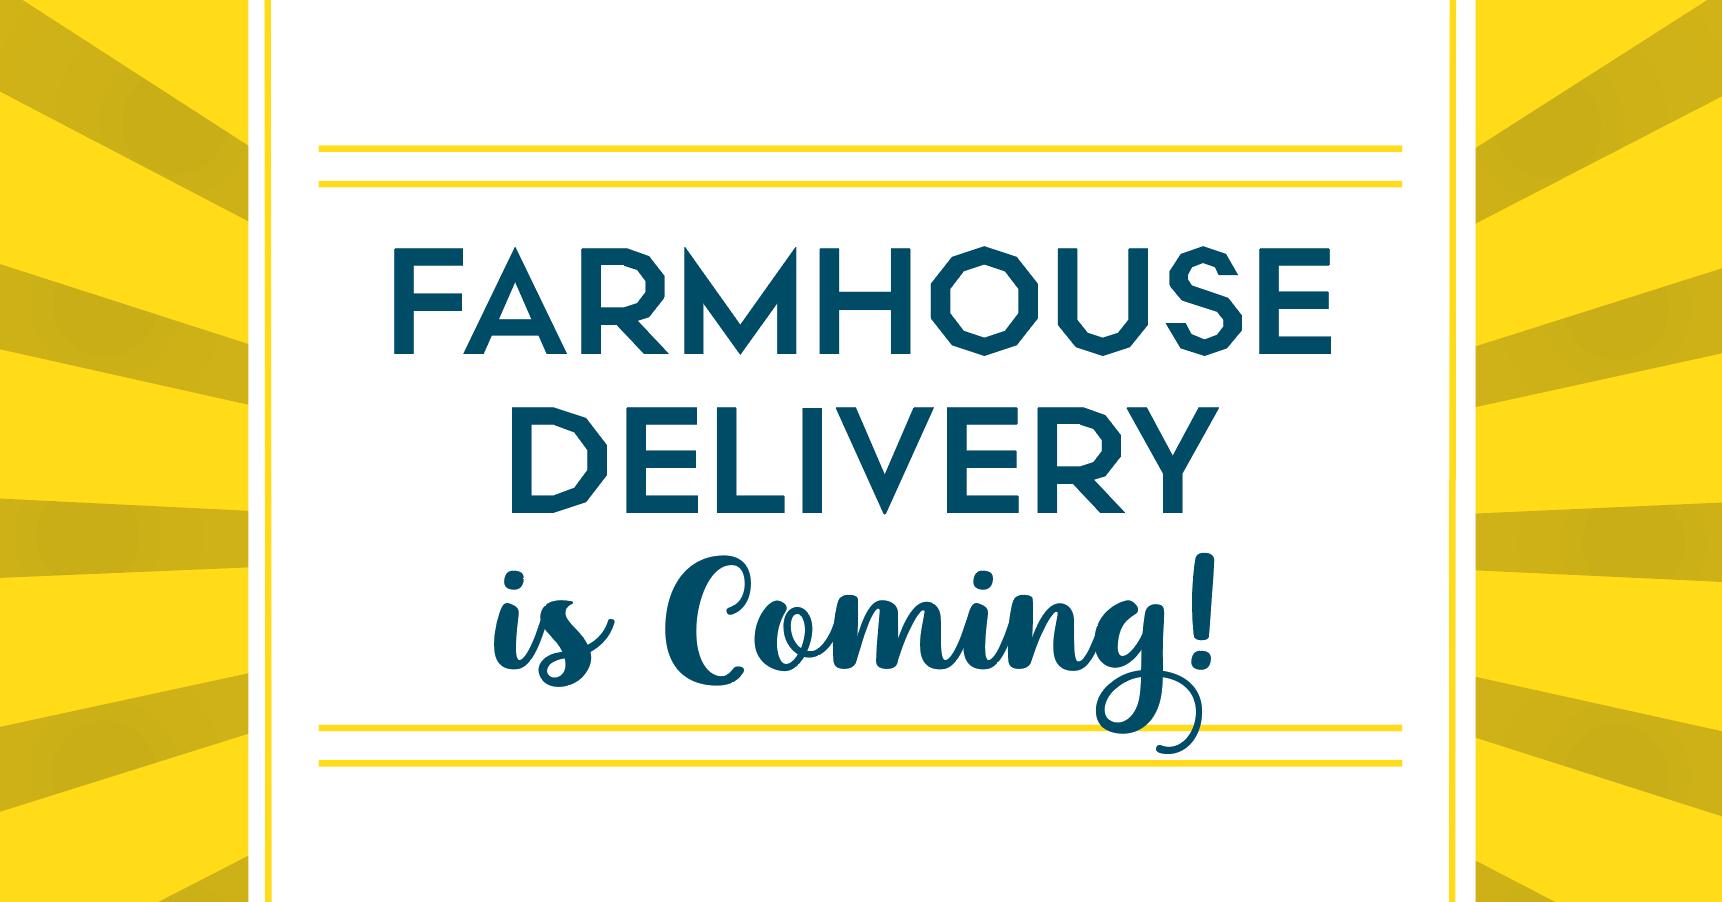 Farmhouse Delivery promo